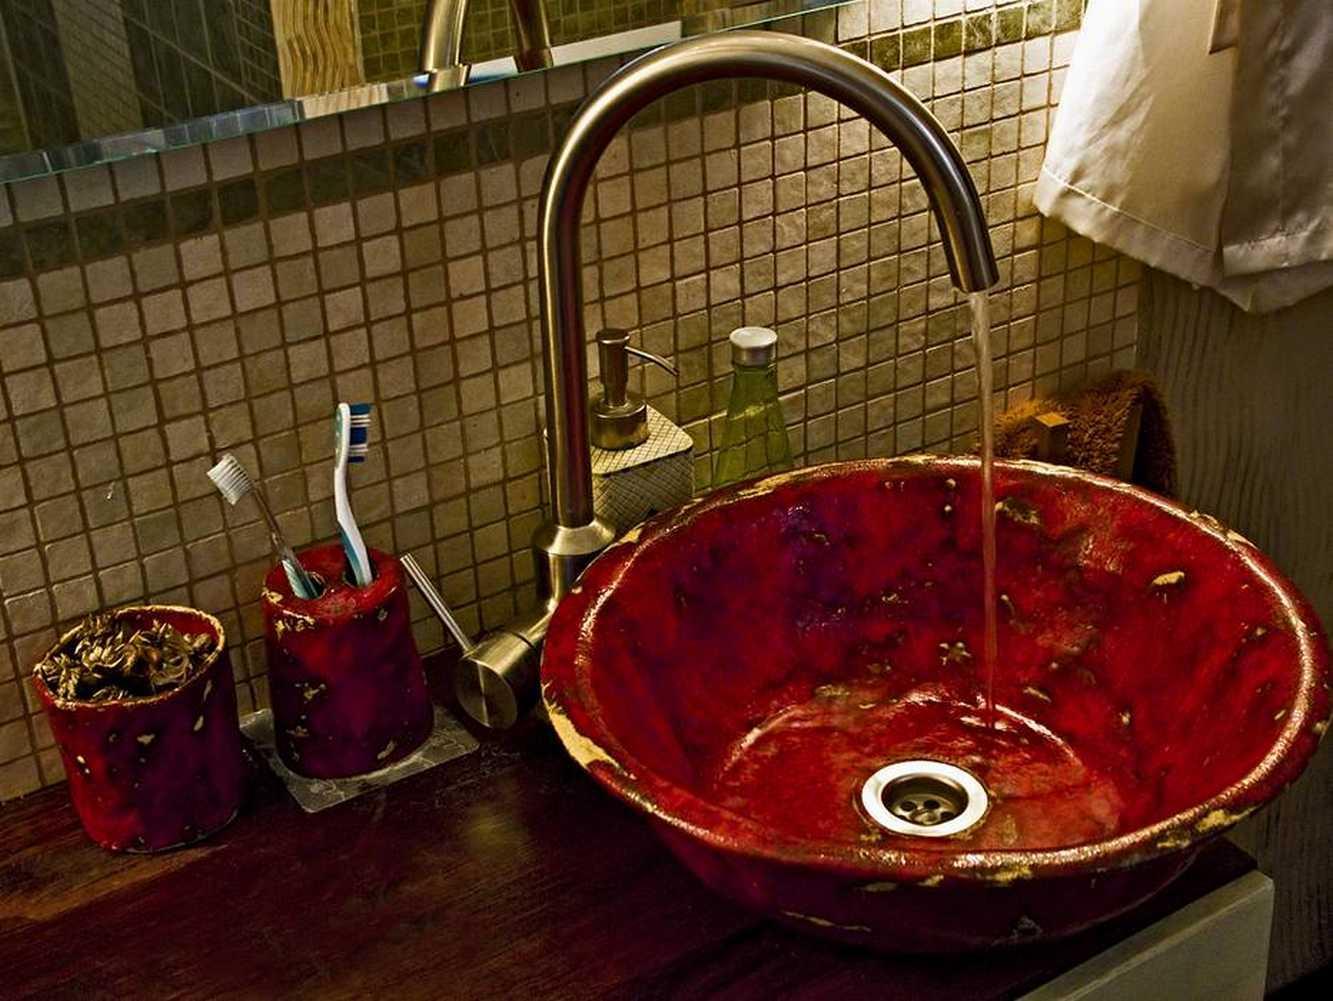 Nostalgie Waschbecken Retro Design Waschbecken Bad